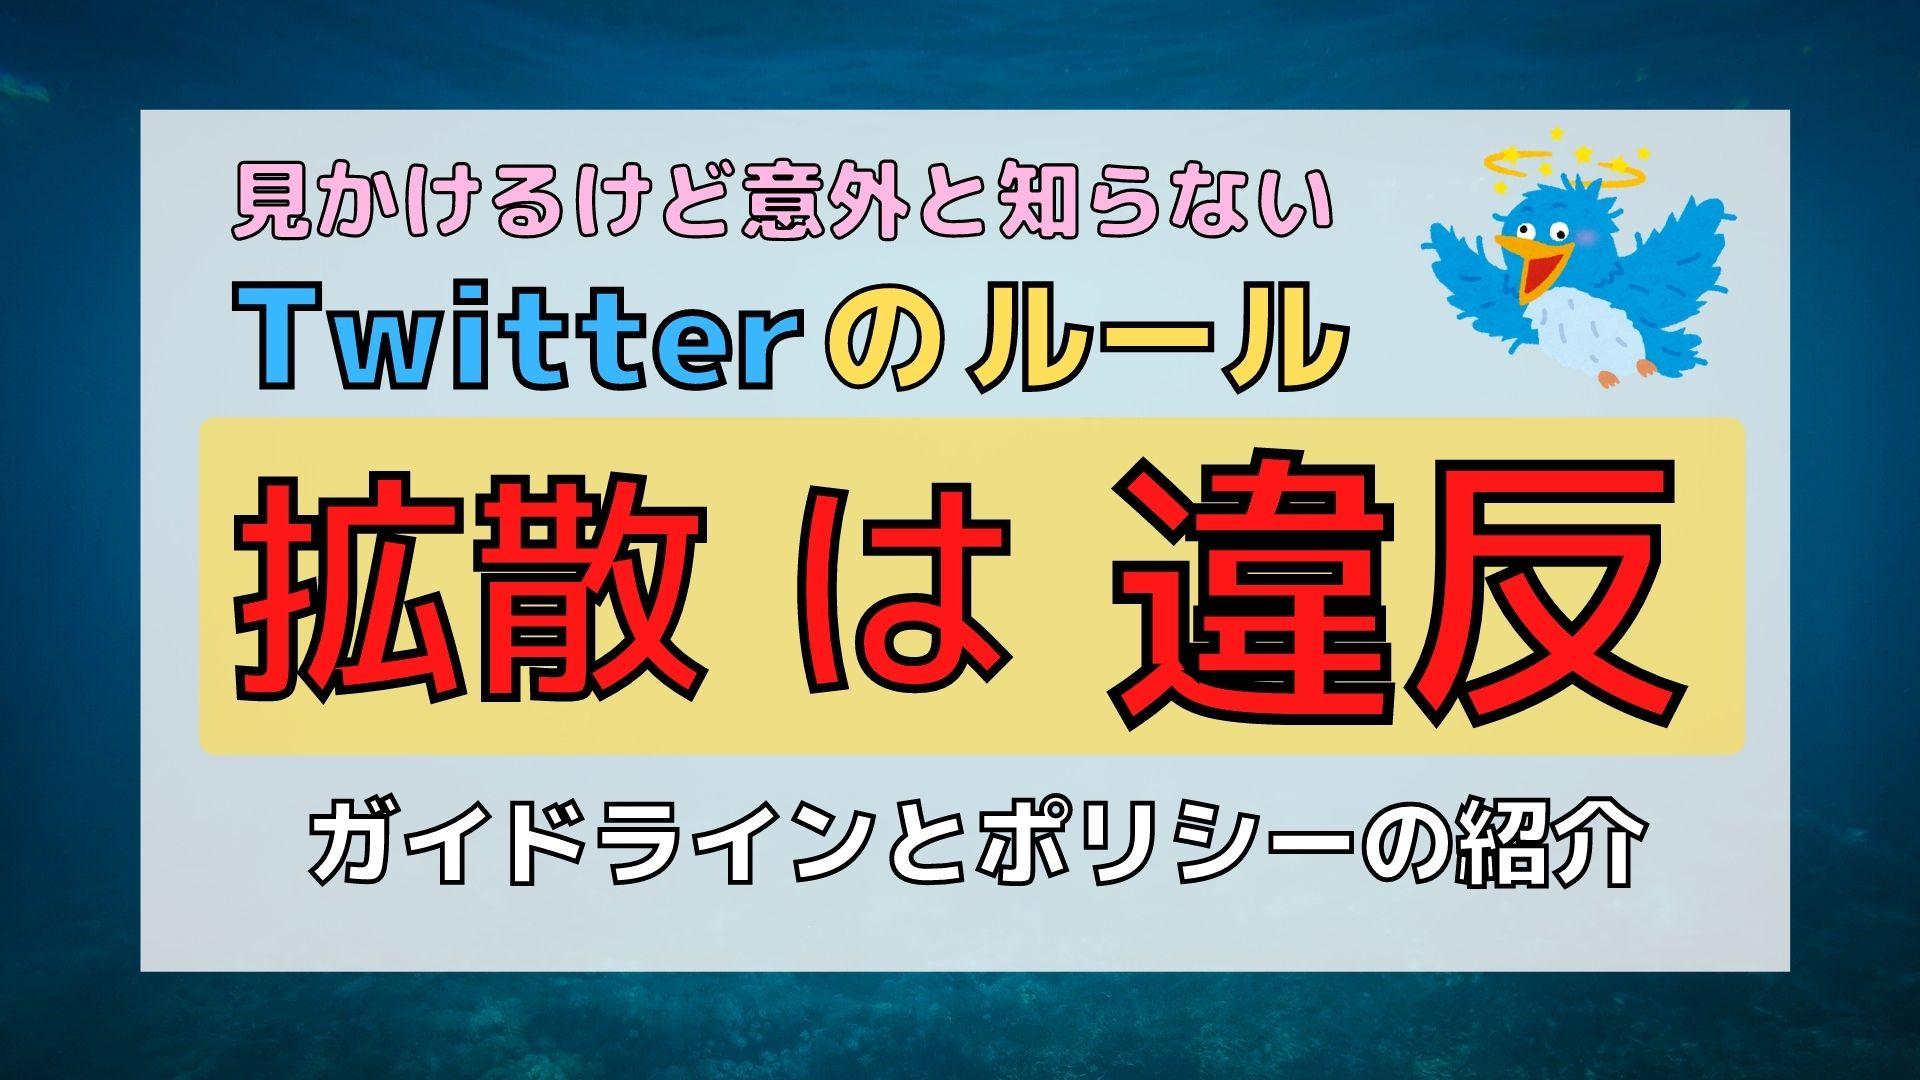 Twitterでよく見かける拡散行為はポリシー違反である理由